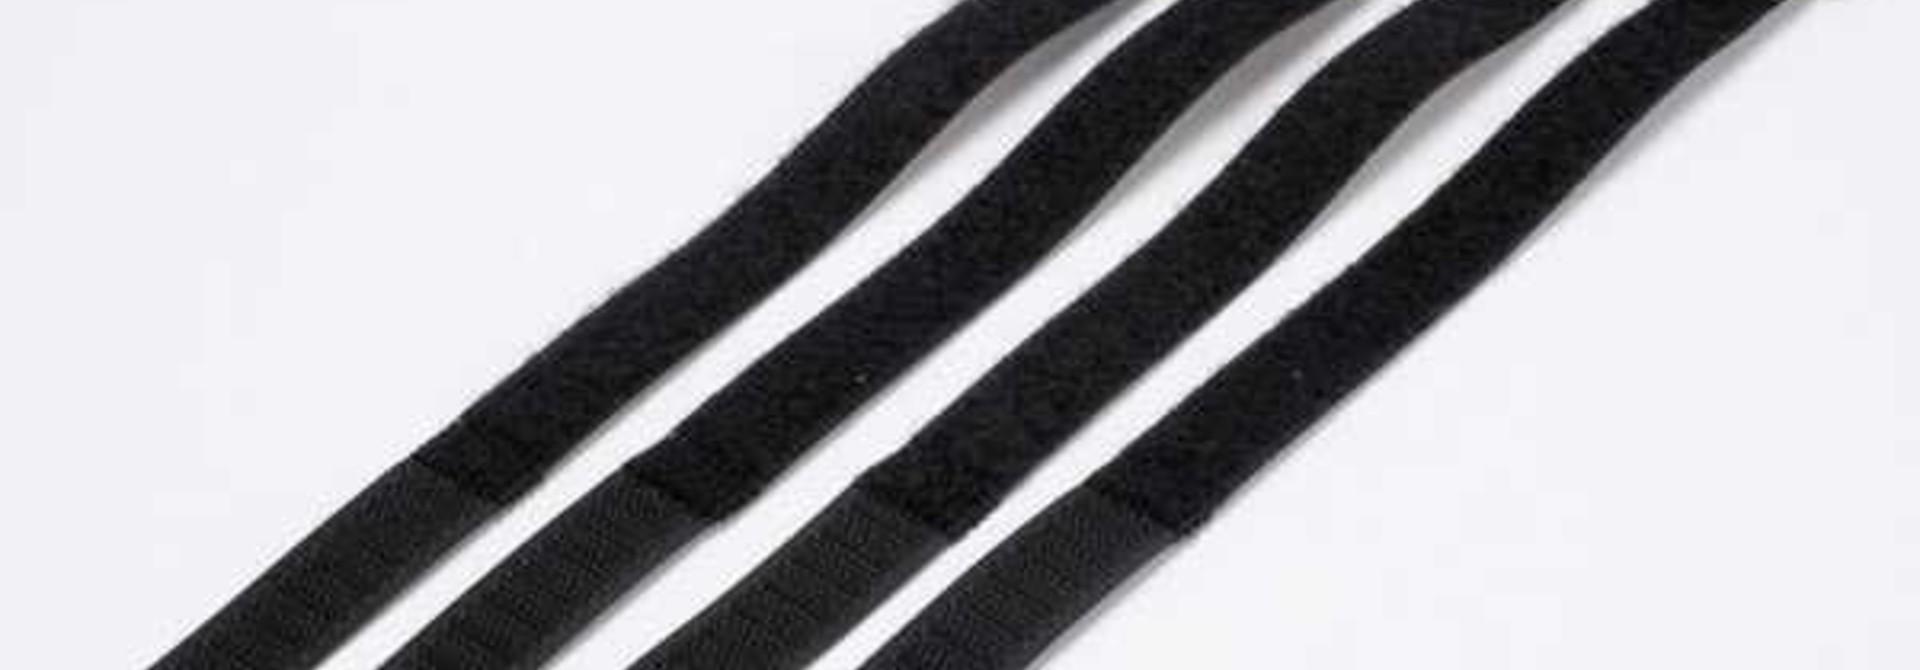 Battery straps (4), #TRX5722